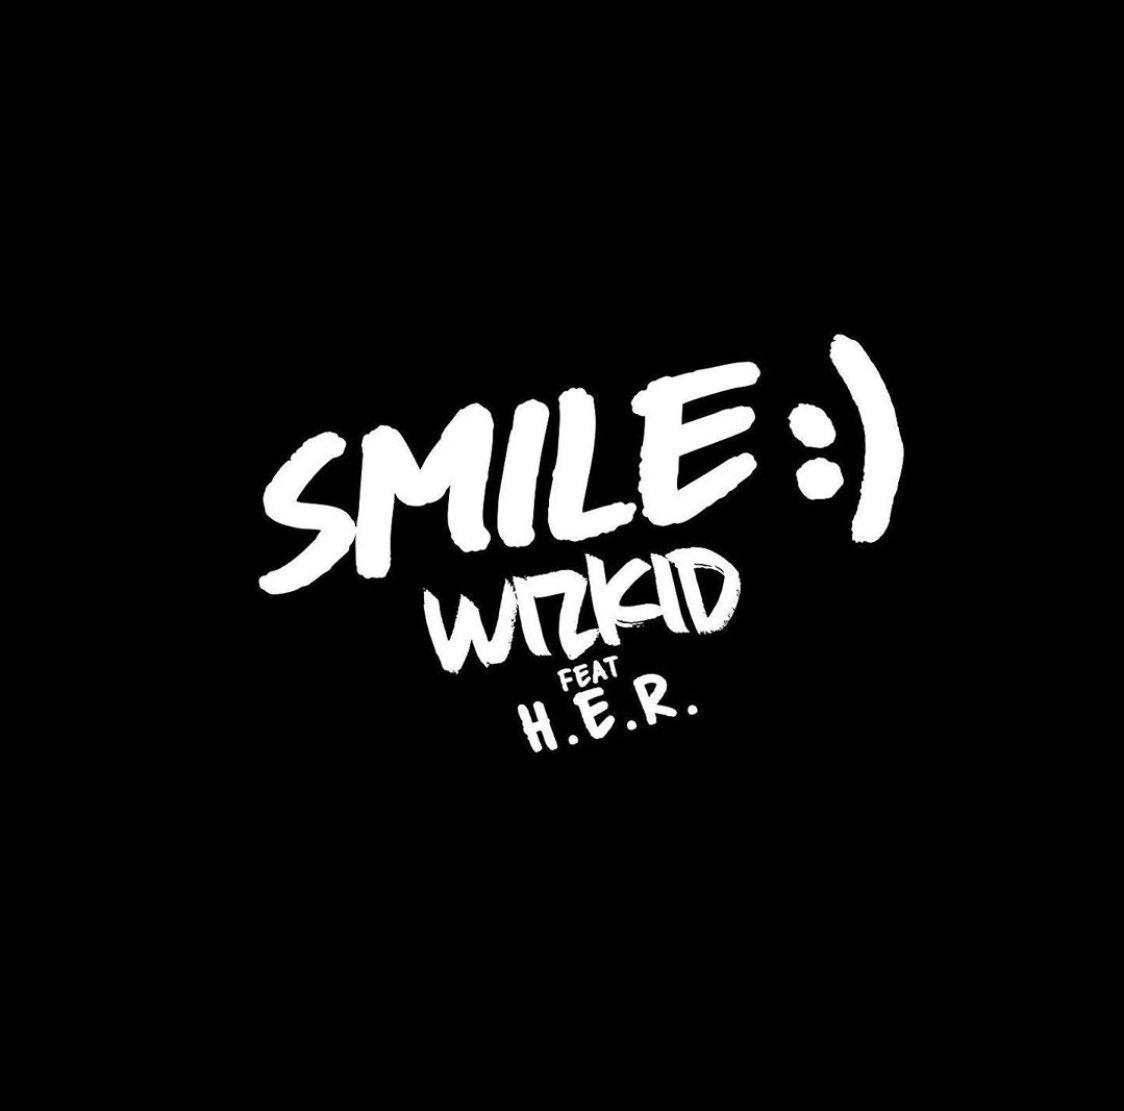 Wikzid and H.E.R